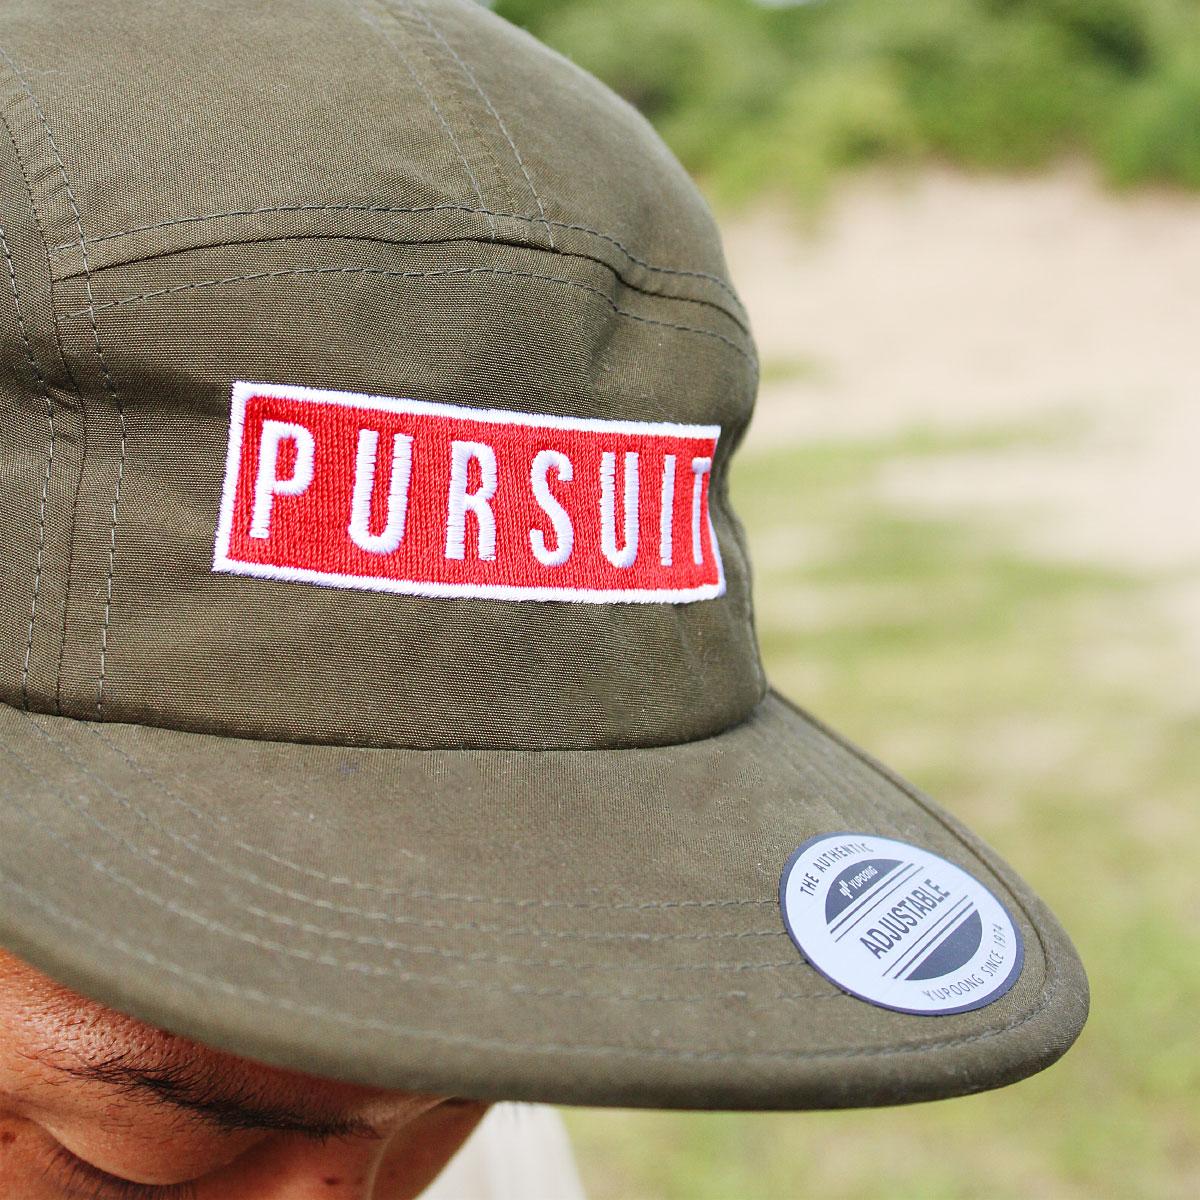 MC KOHEI PURSUIT JOCKEY CAP